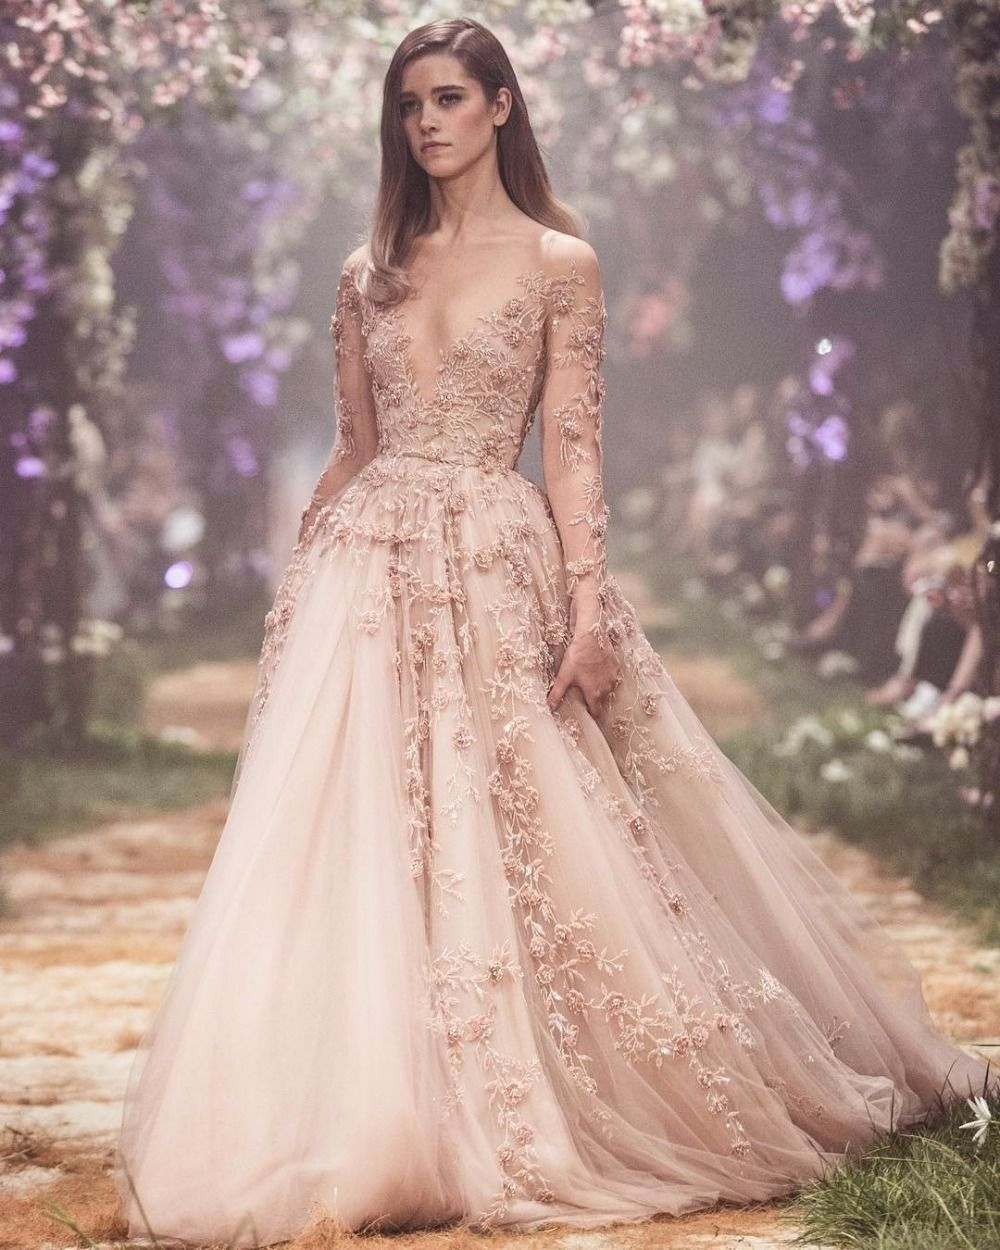 New Disney Wedding Dresses By Paolo Sebastian | Vestiditos y Cosas